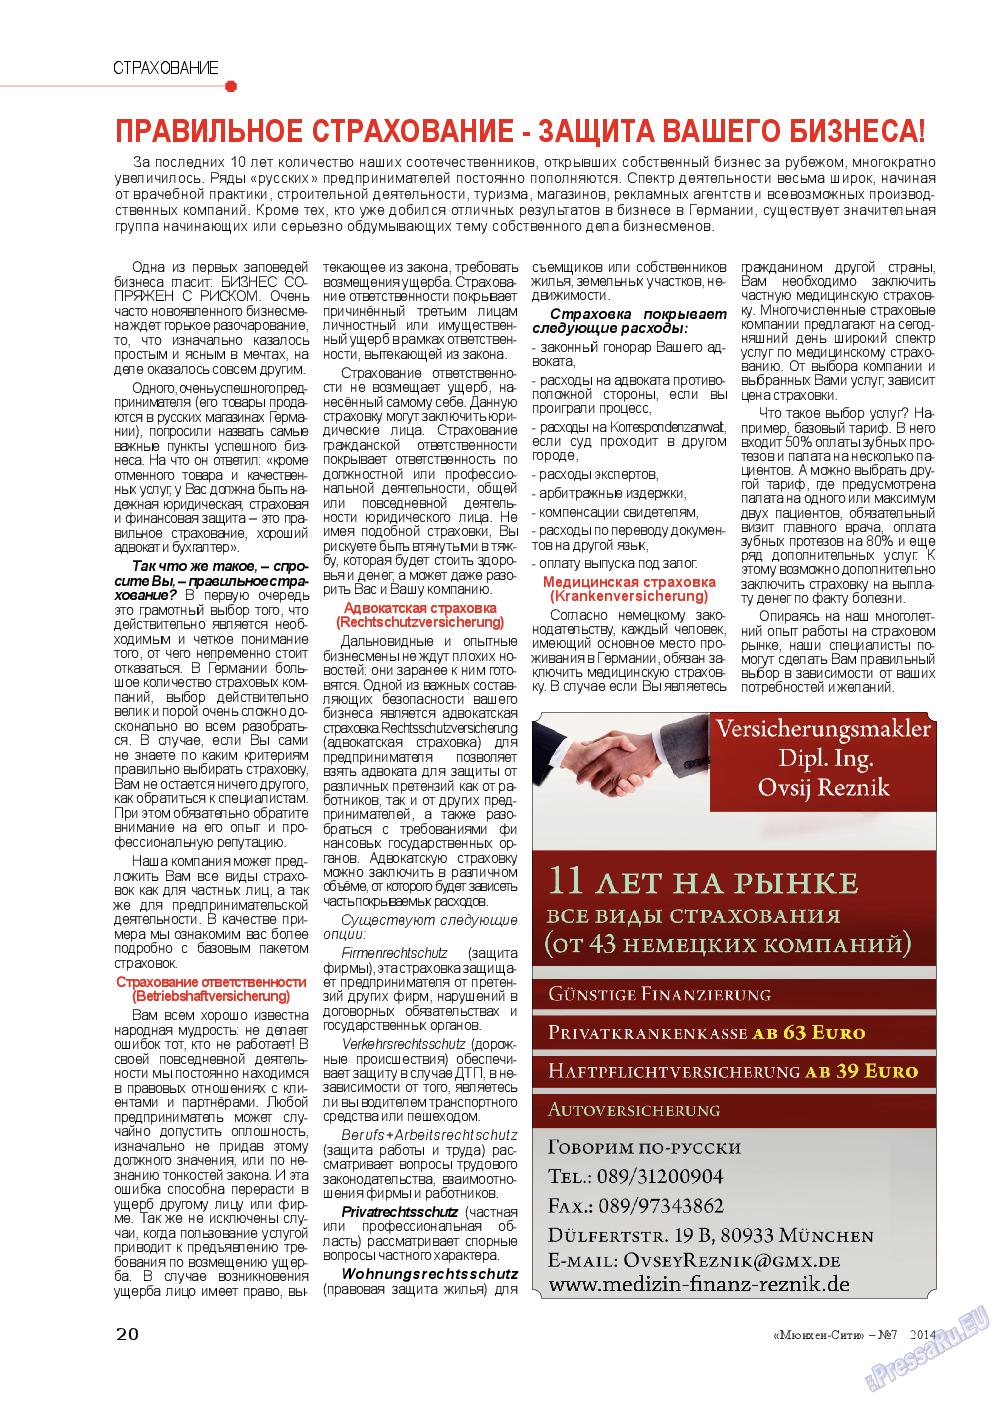 Мюнхен-сити (журнал). 2014 год, номер 7, стр. 20